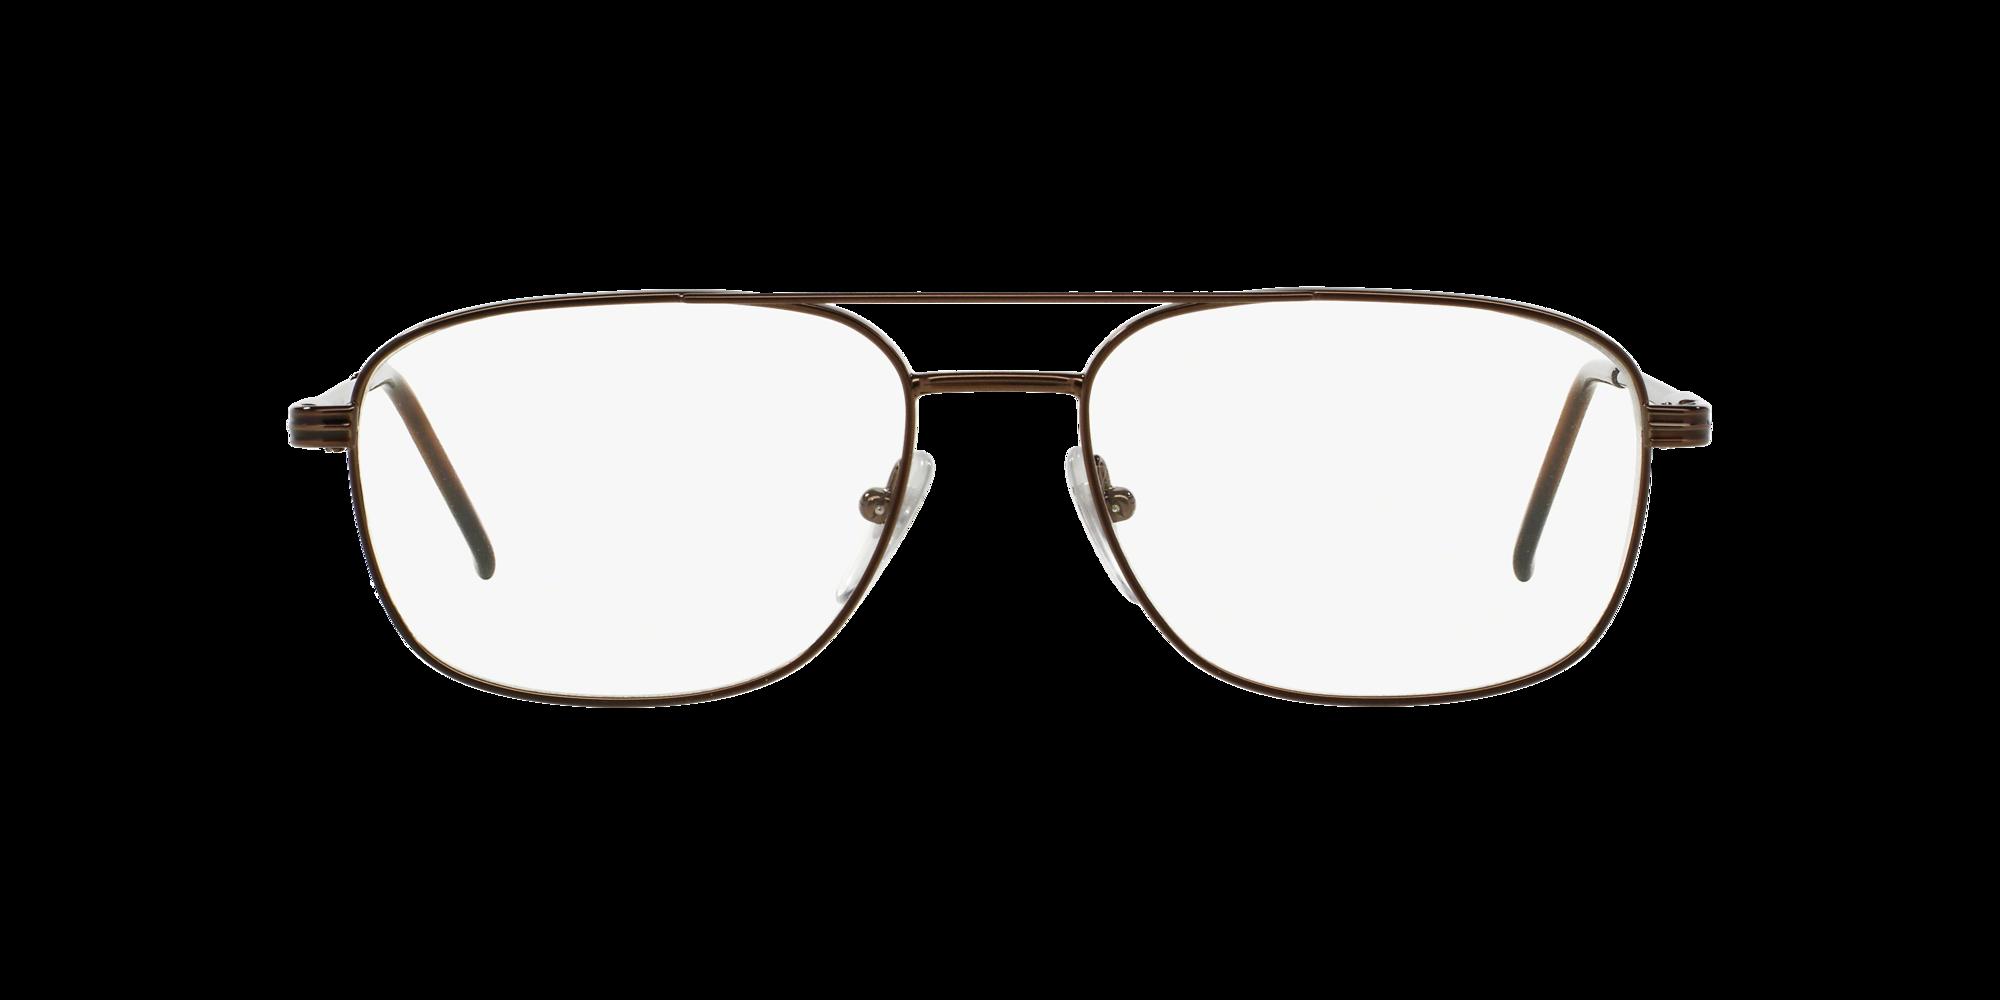 Imagen para SF 2152 de LensCrafters |  Espejuelos, espejuelos graduados en línea, gafas